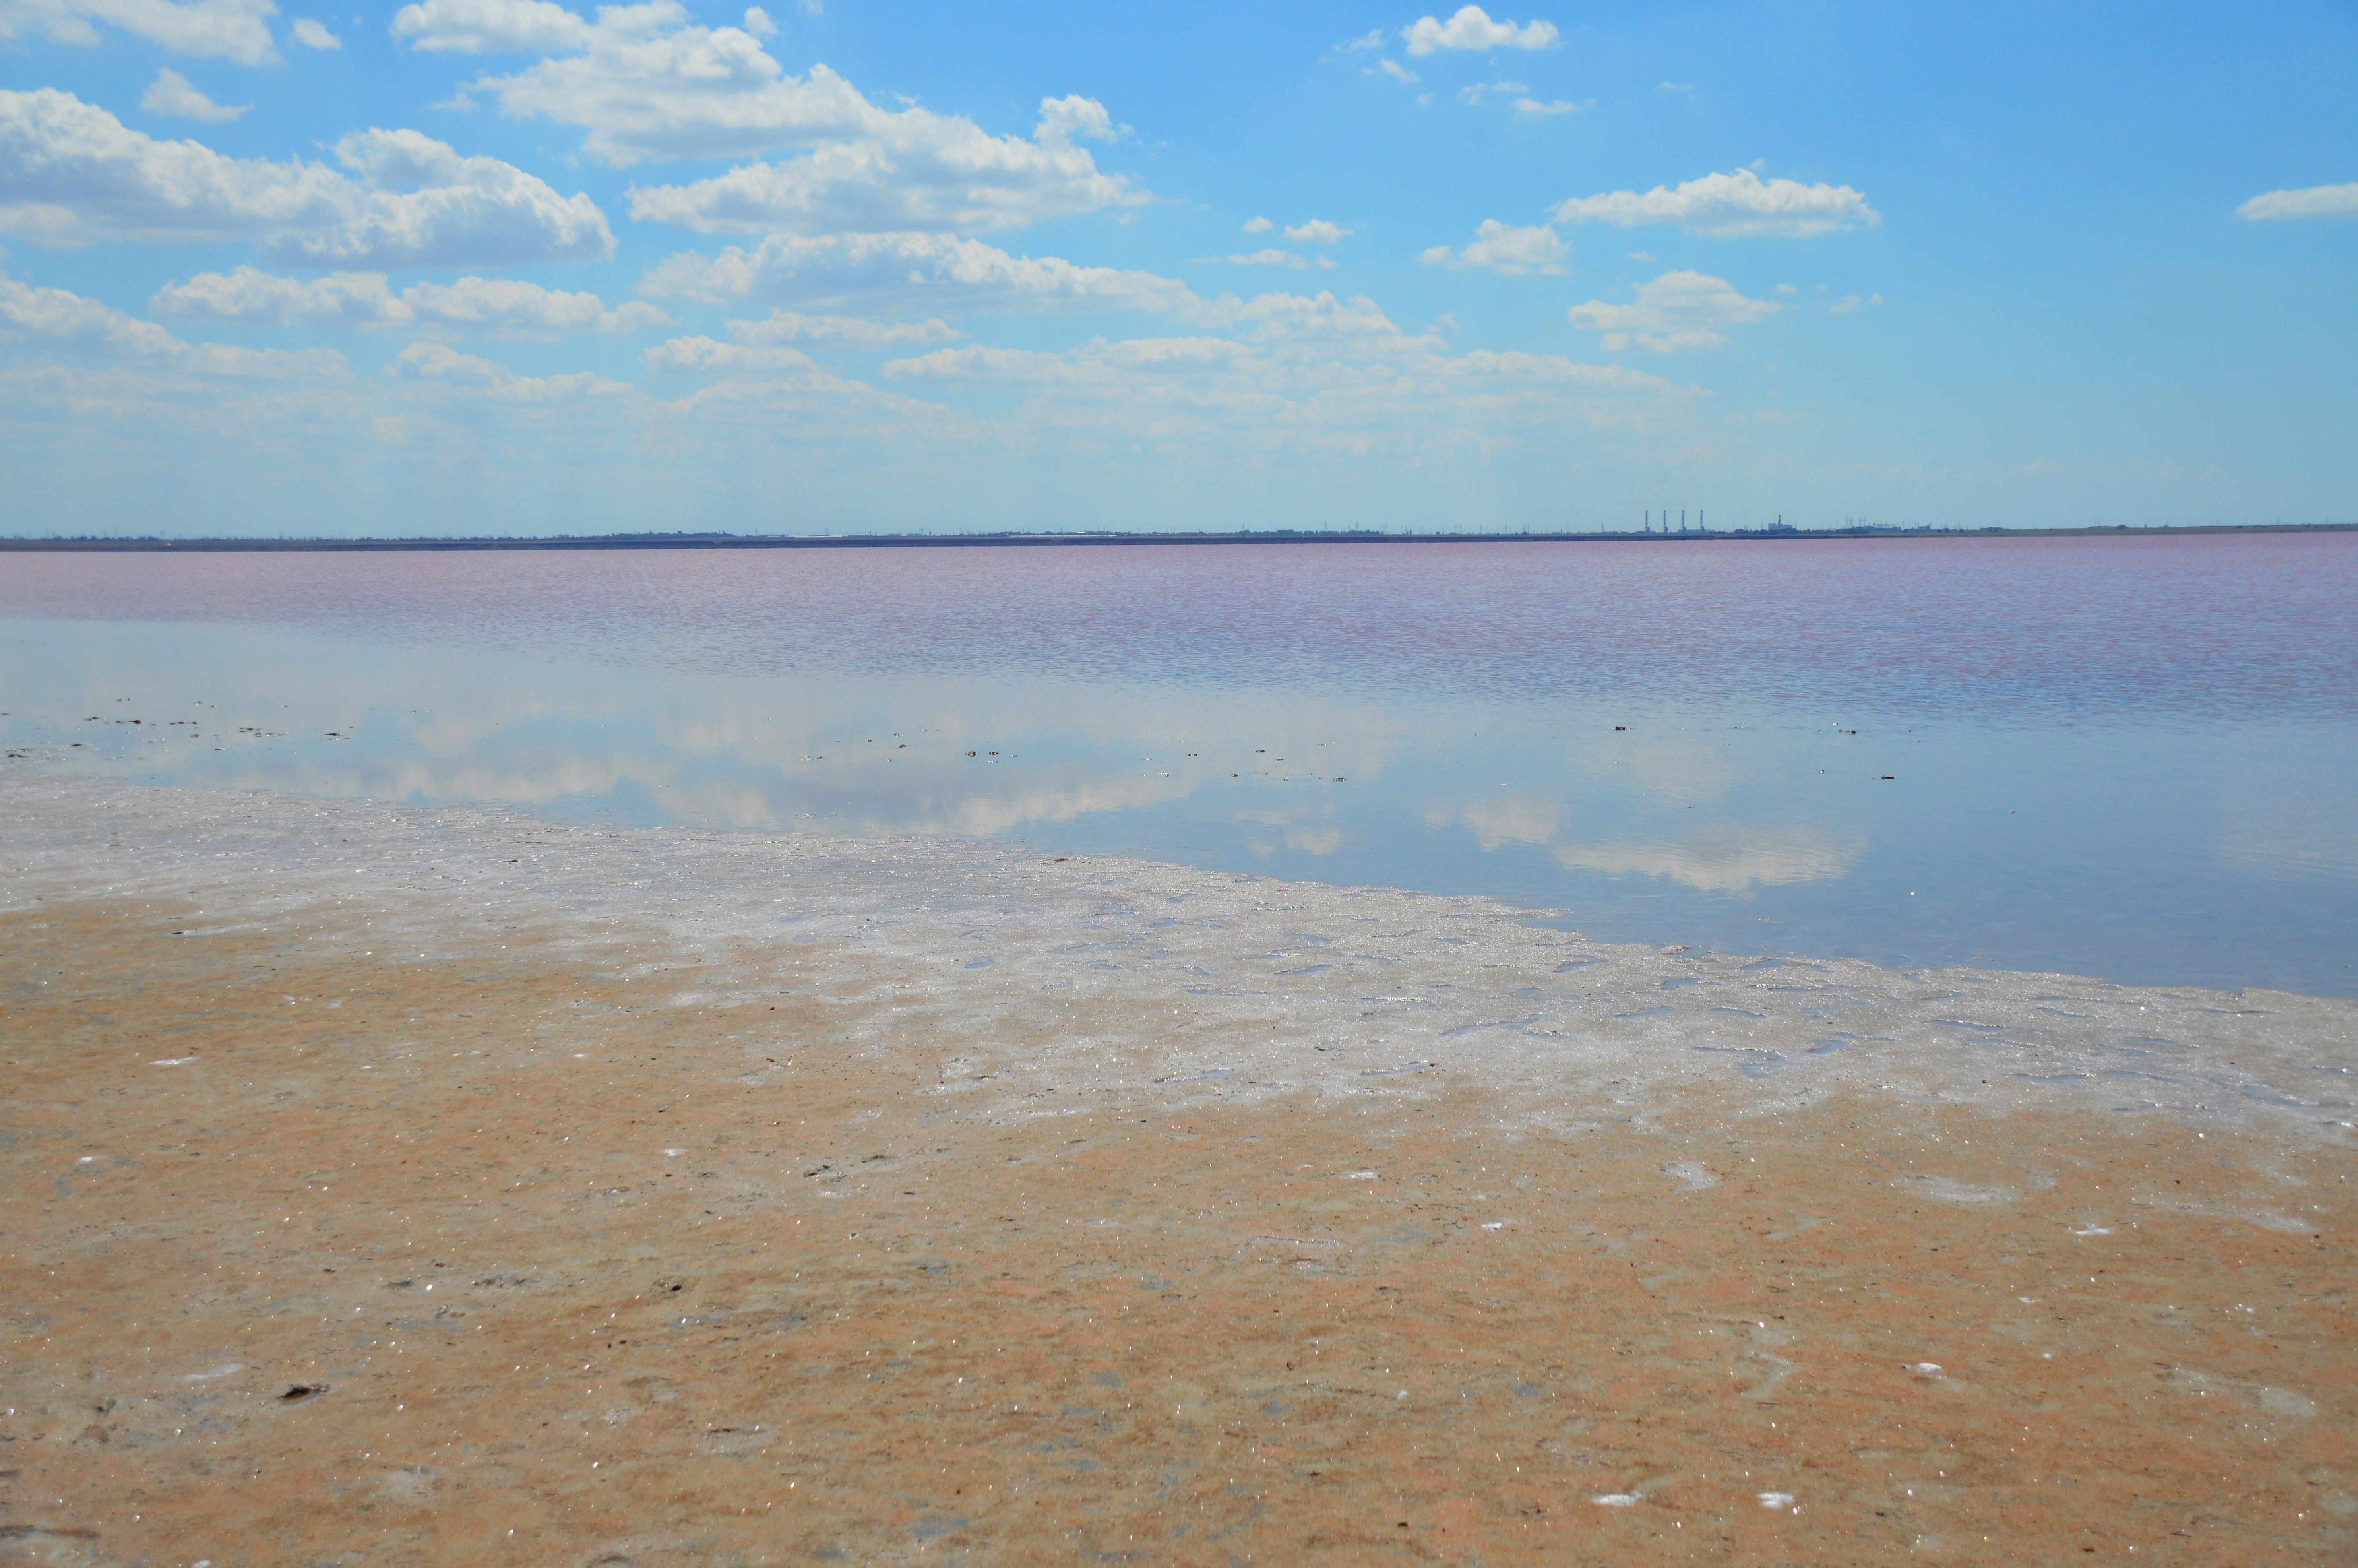 DSC_0114.JPG озеро